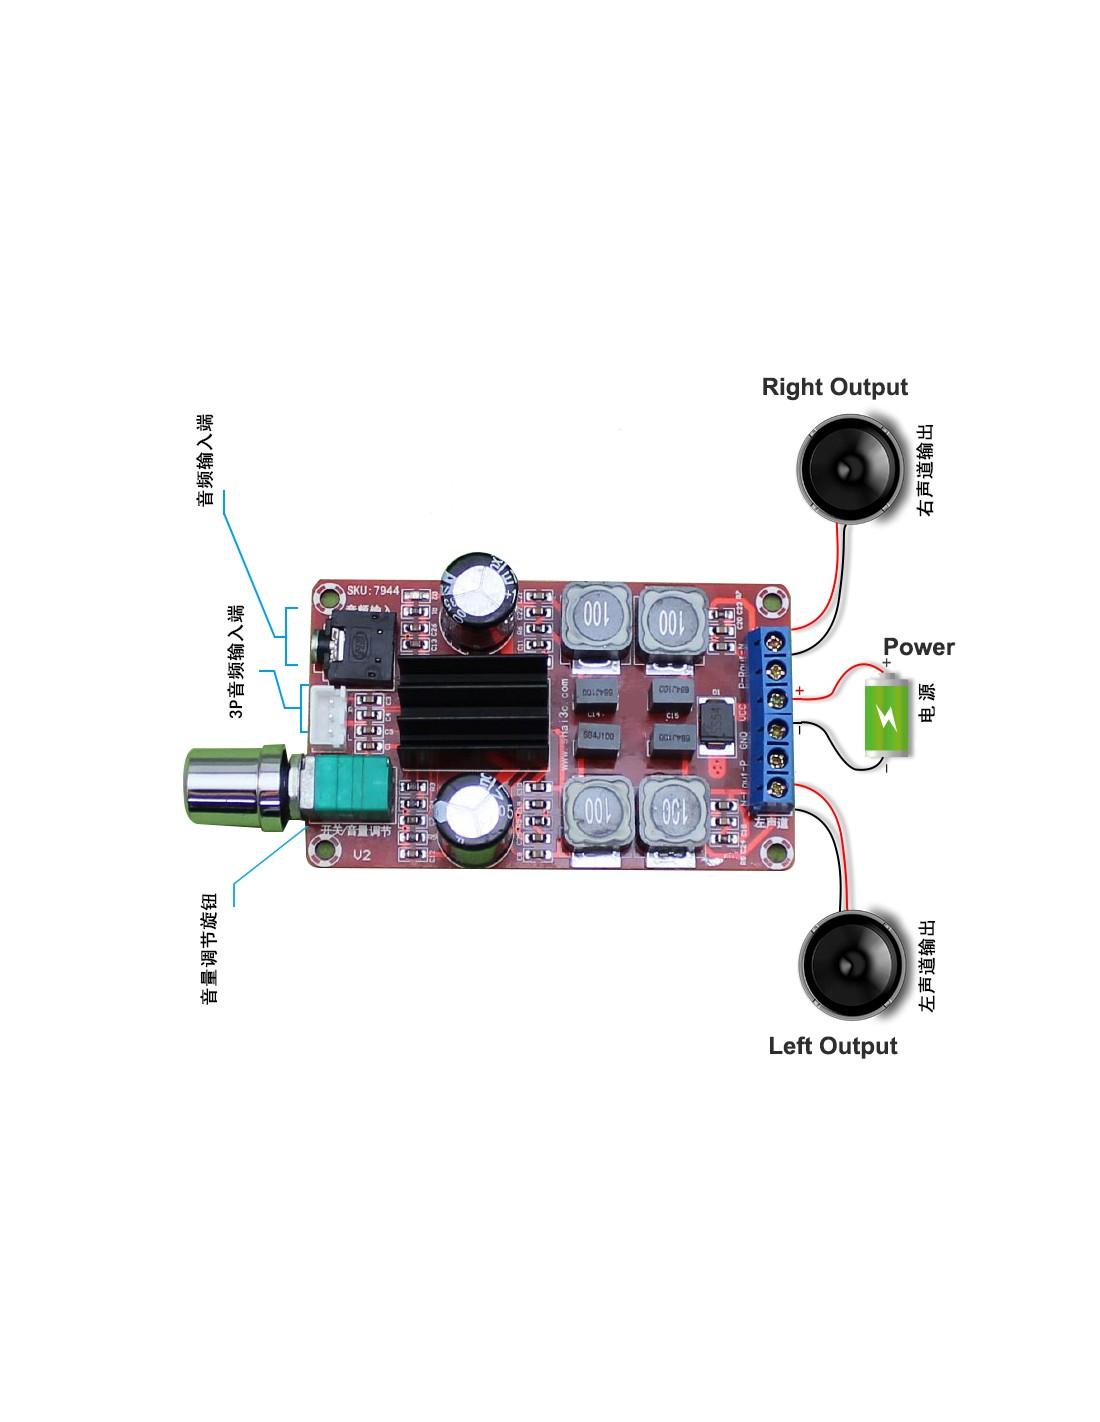 2x50W Stereo Audio Amplifier Board, TPA3116D2